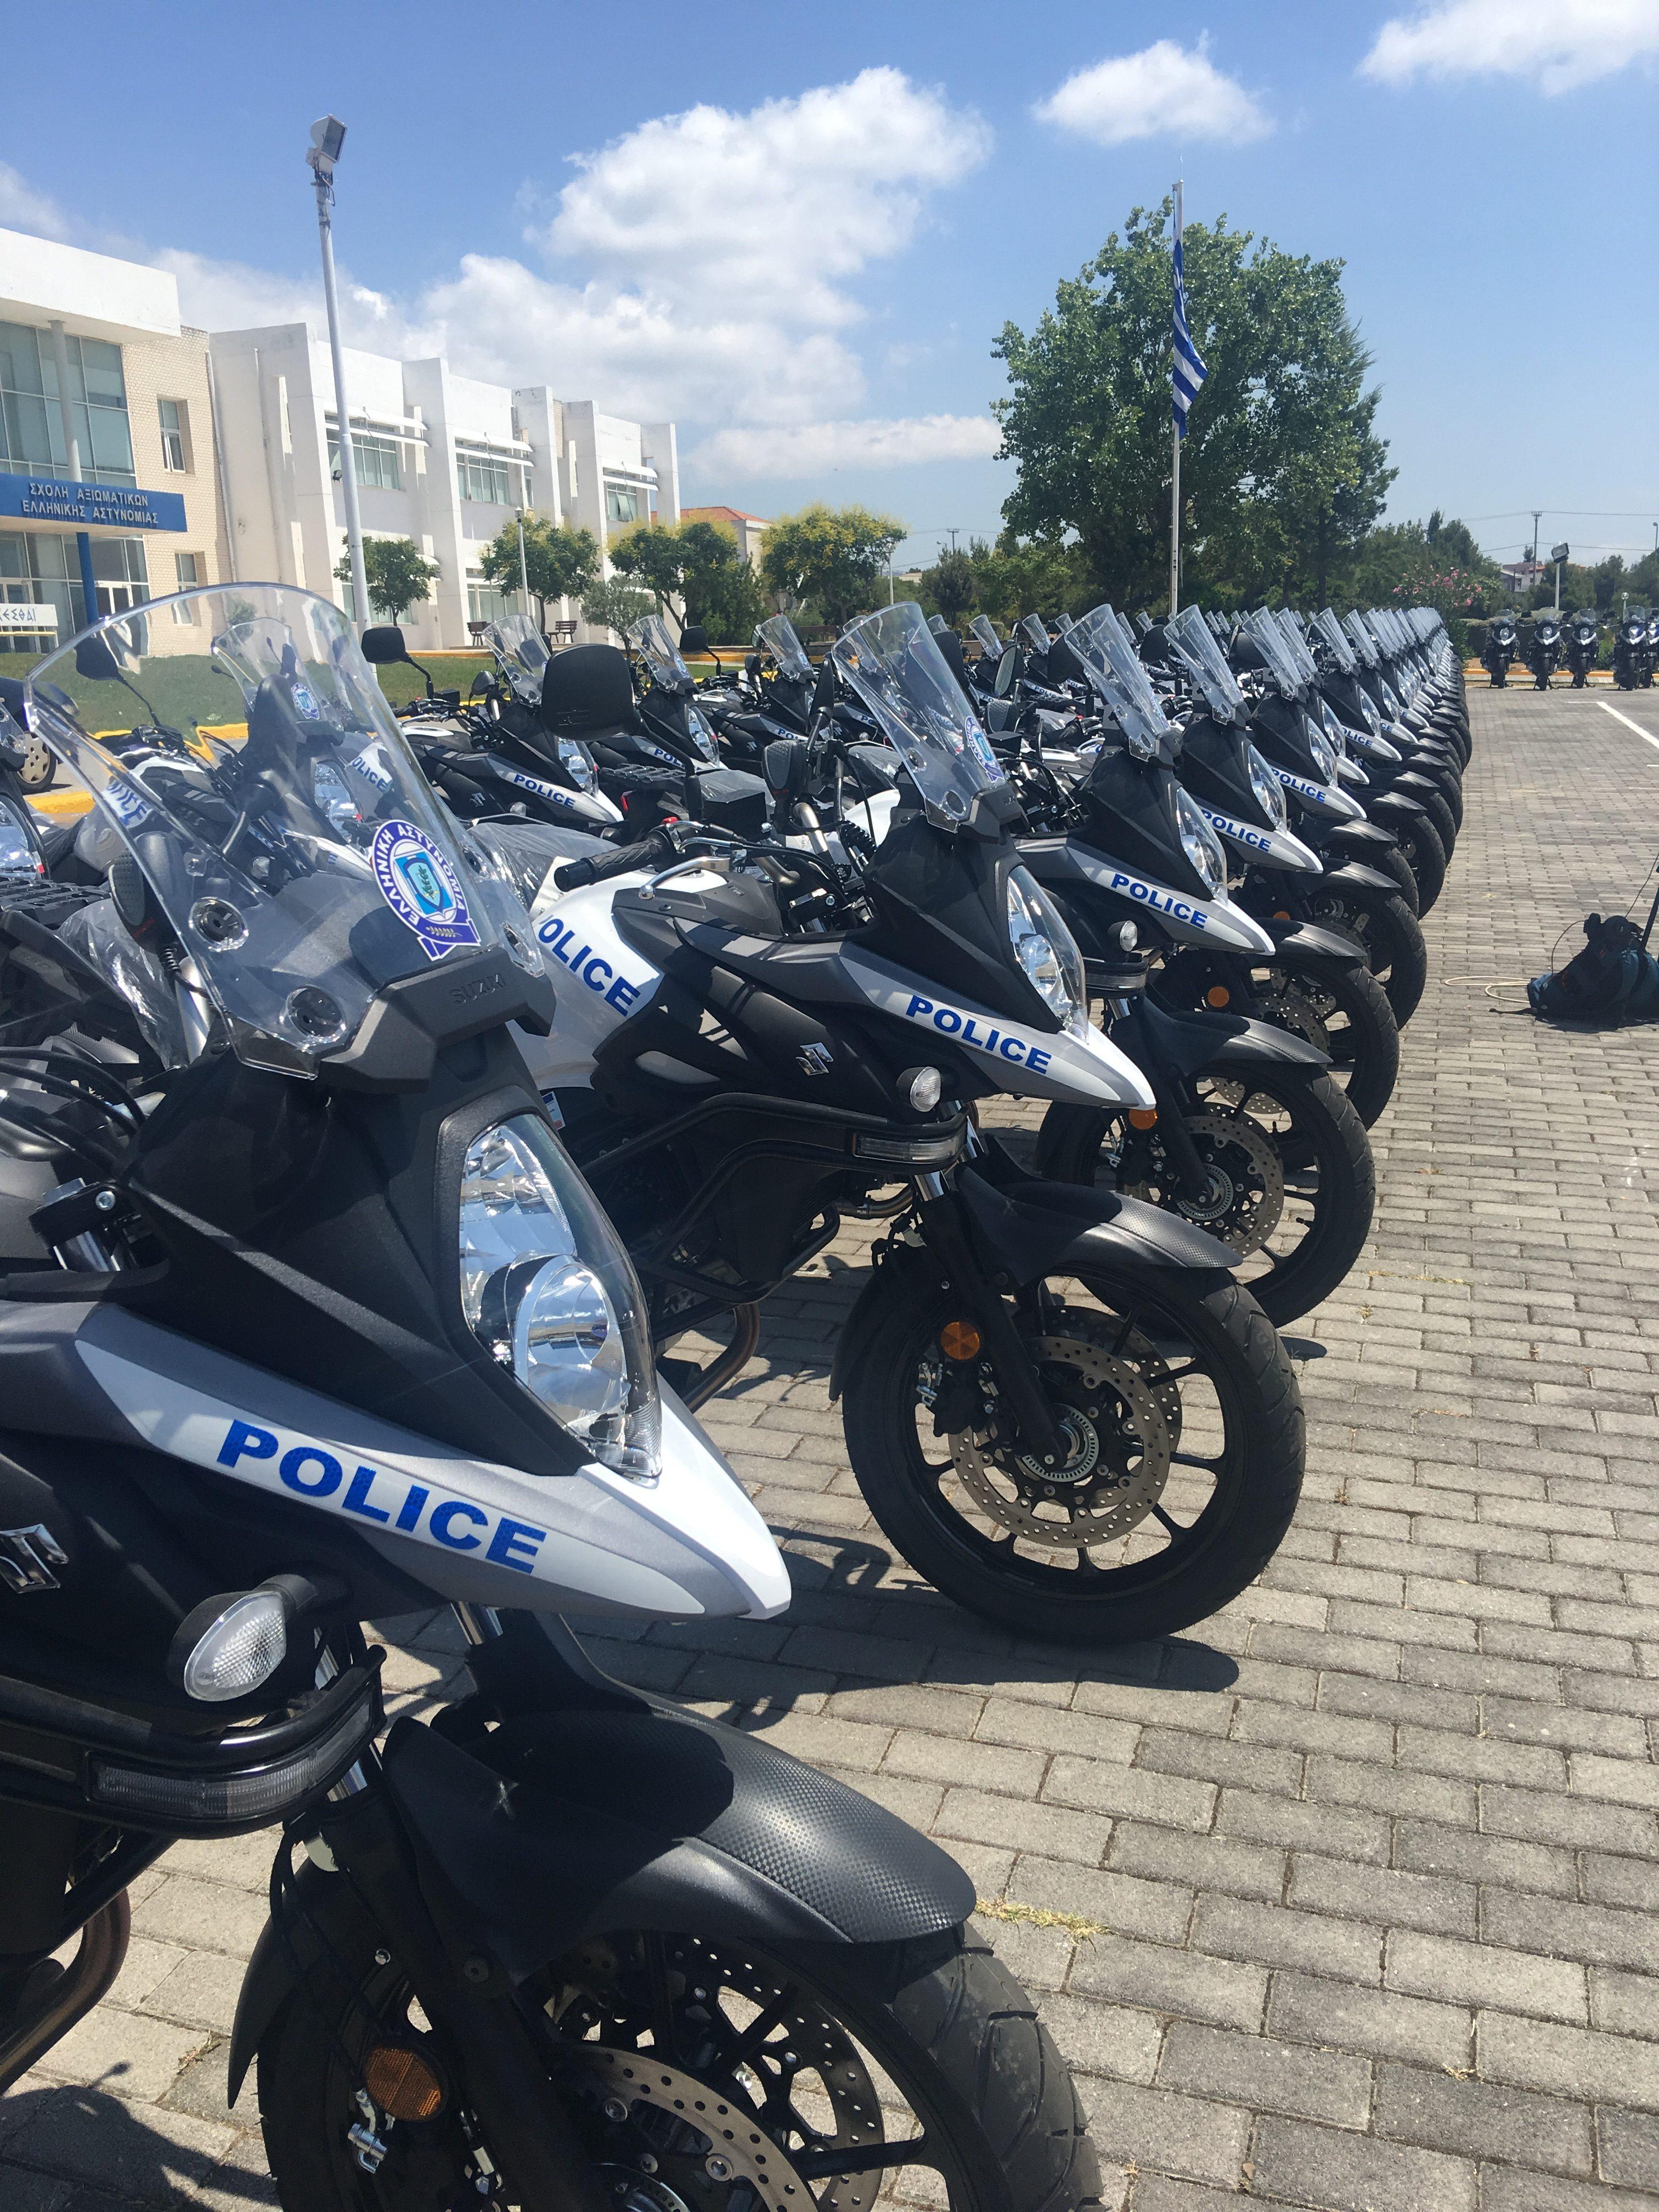 Δράση με τίτλο: «Προμήθεια Οχημάτων Ελληνικής Αστυνομίας» από το Εθνικό Πρόγραμμα του Ευρωπαϊκού Ταμείου Εσωτερικής Ασφάλειας/ Τομέας Σύνορα & Θεωρήσεις της περιόδου 2014-2020».